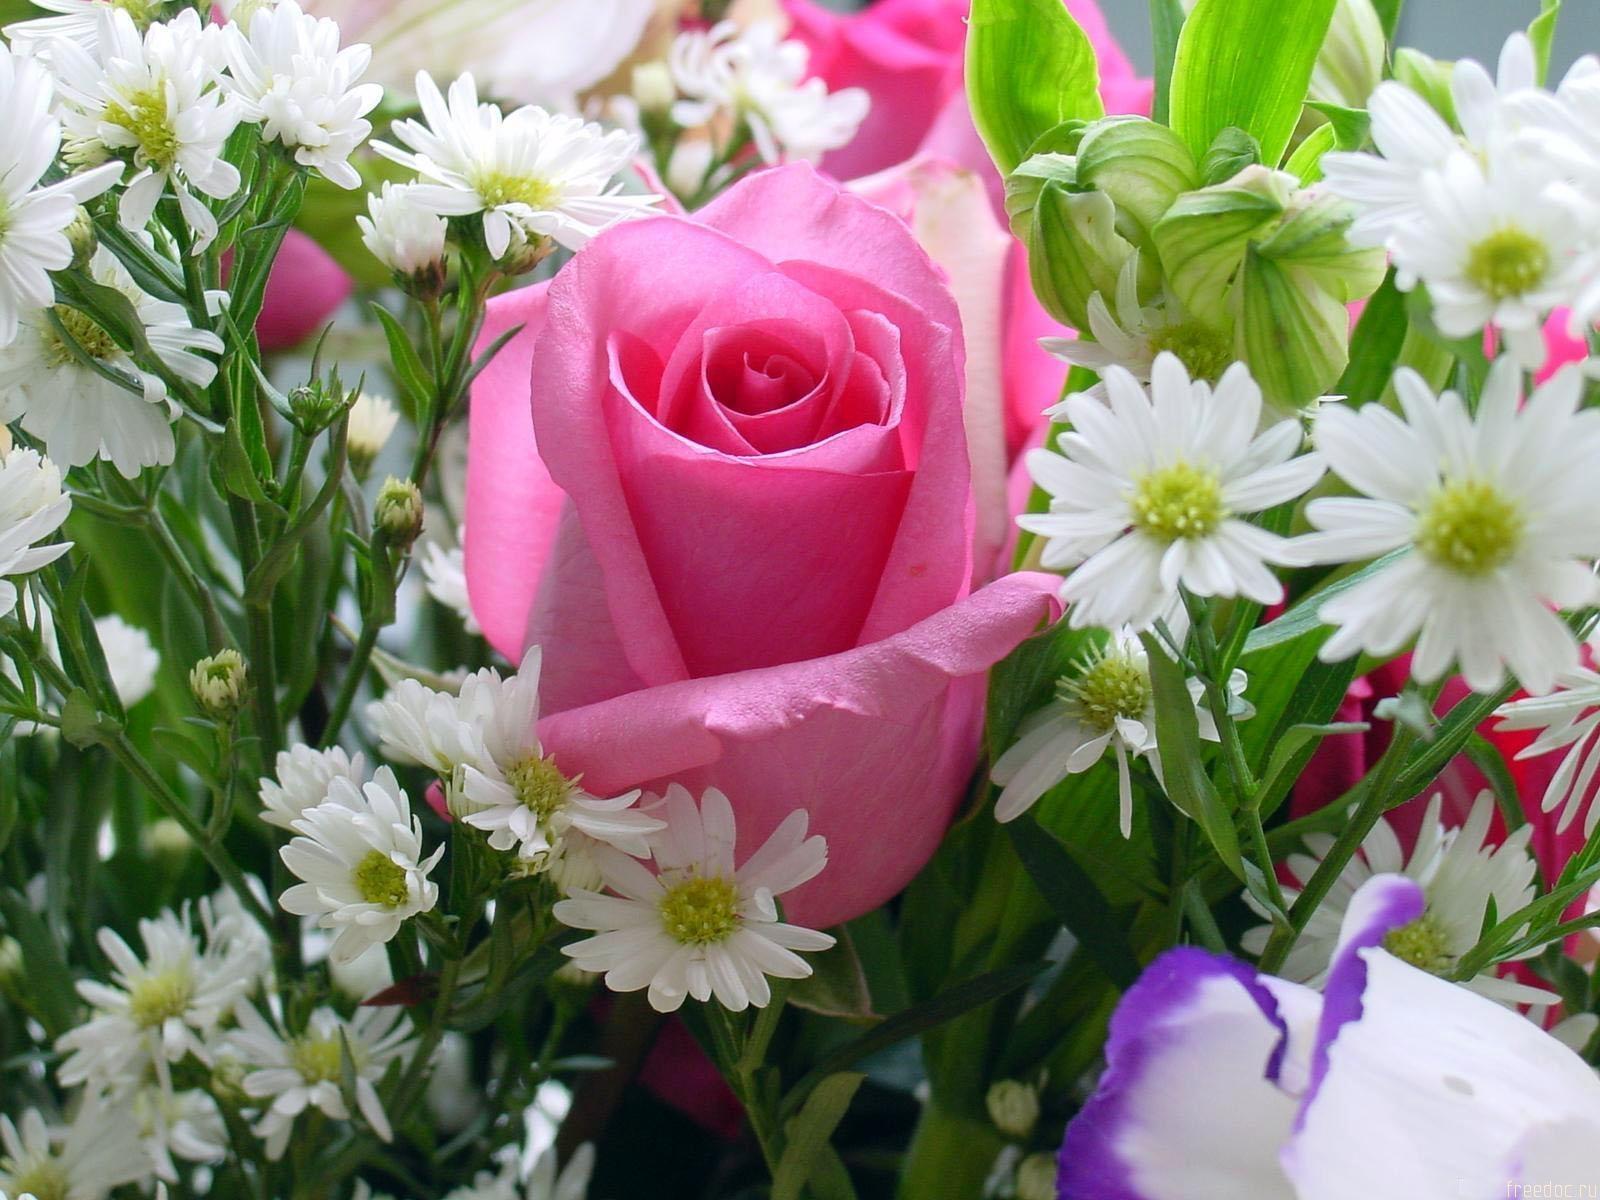 сюда цветы до слез фото представляет собой комбинацию